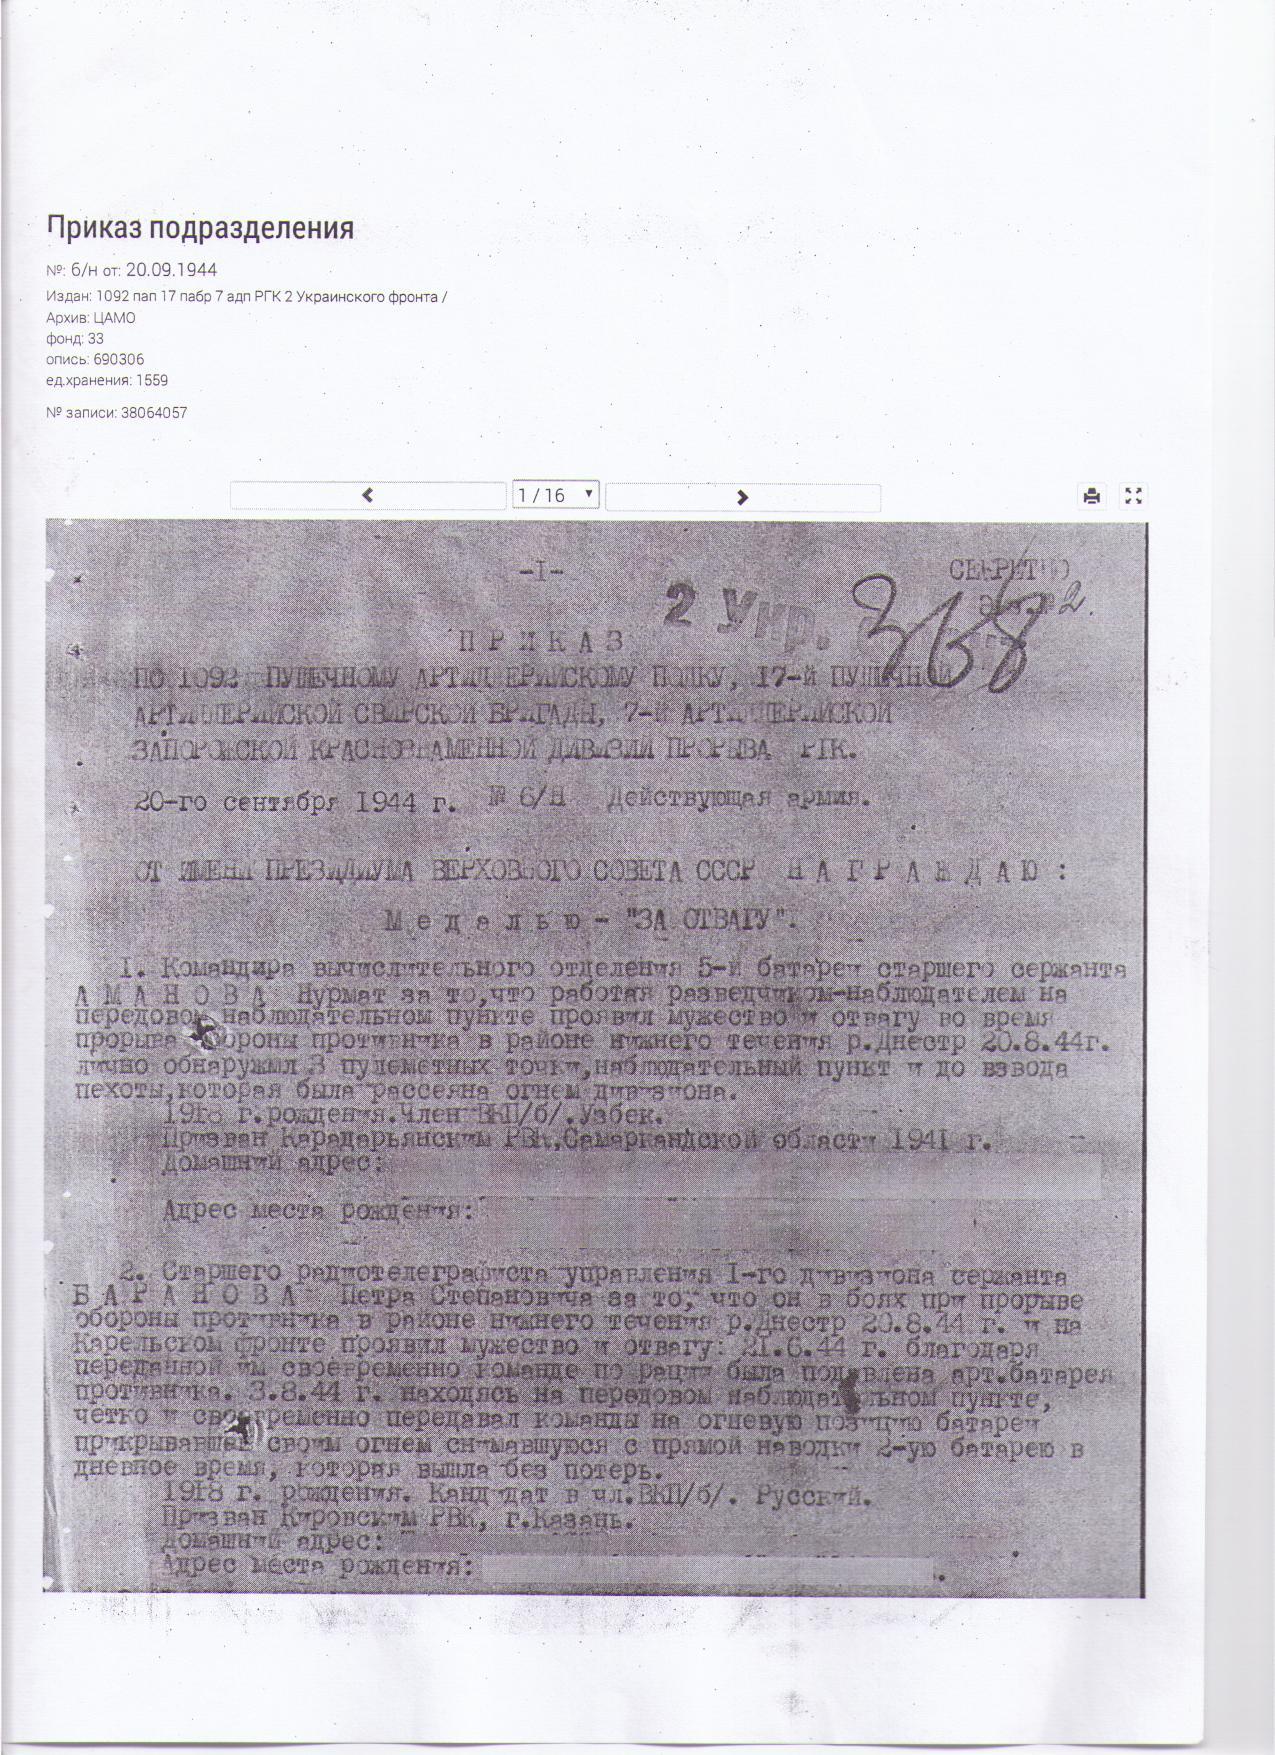 C:\Users\Администратор\Desktop\песни о войне\Бессмертный батальон\Тухтаров С\Тухтаров Сергей Карымович15 июня 1924г\Изображение 002.jpg